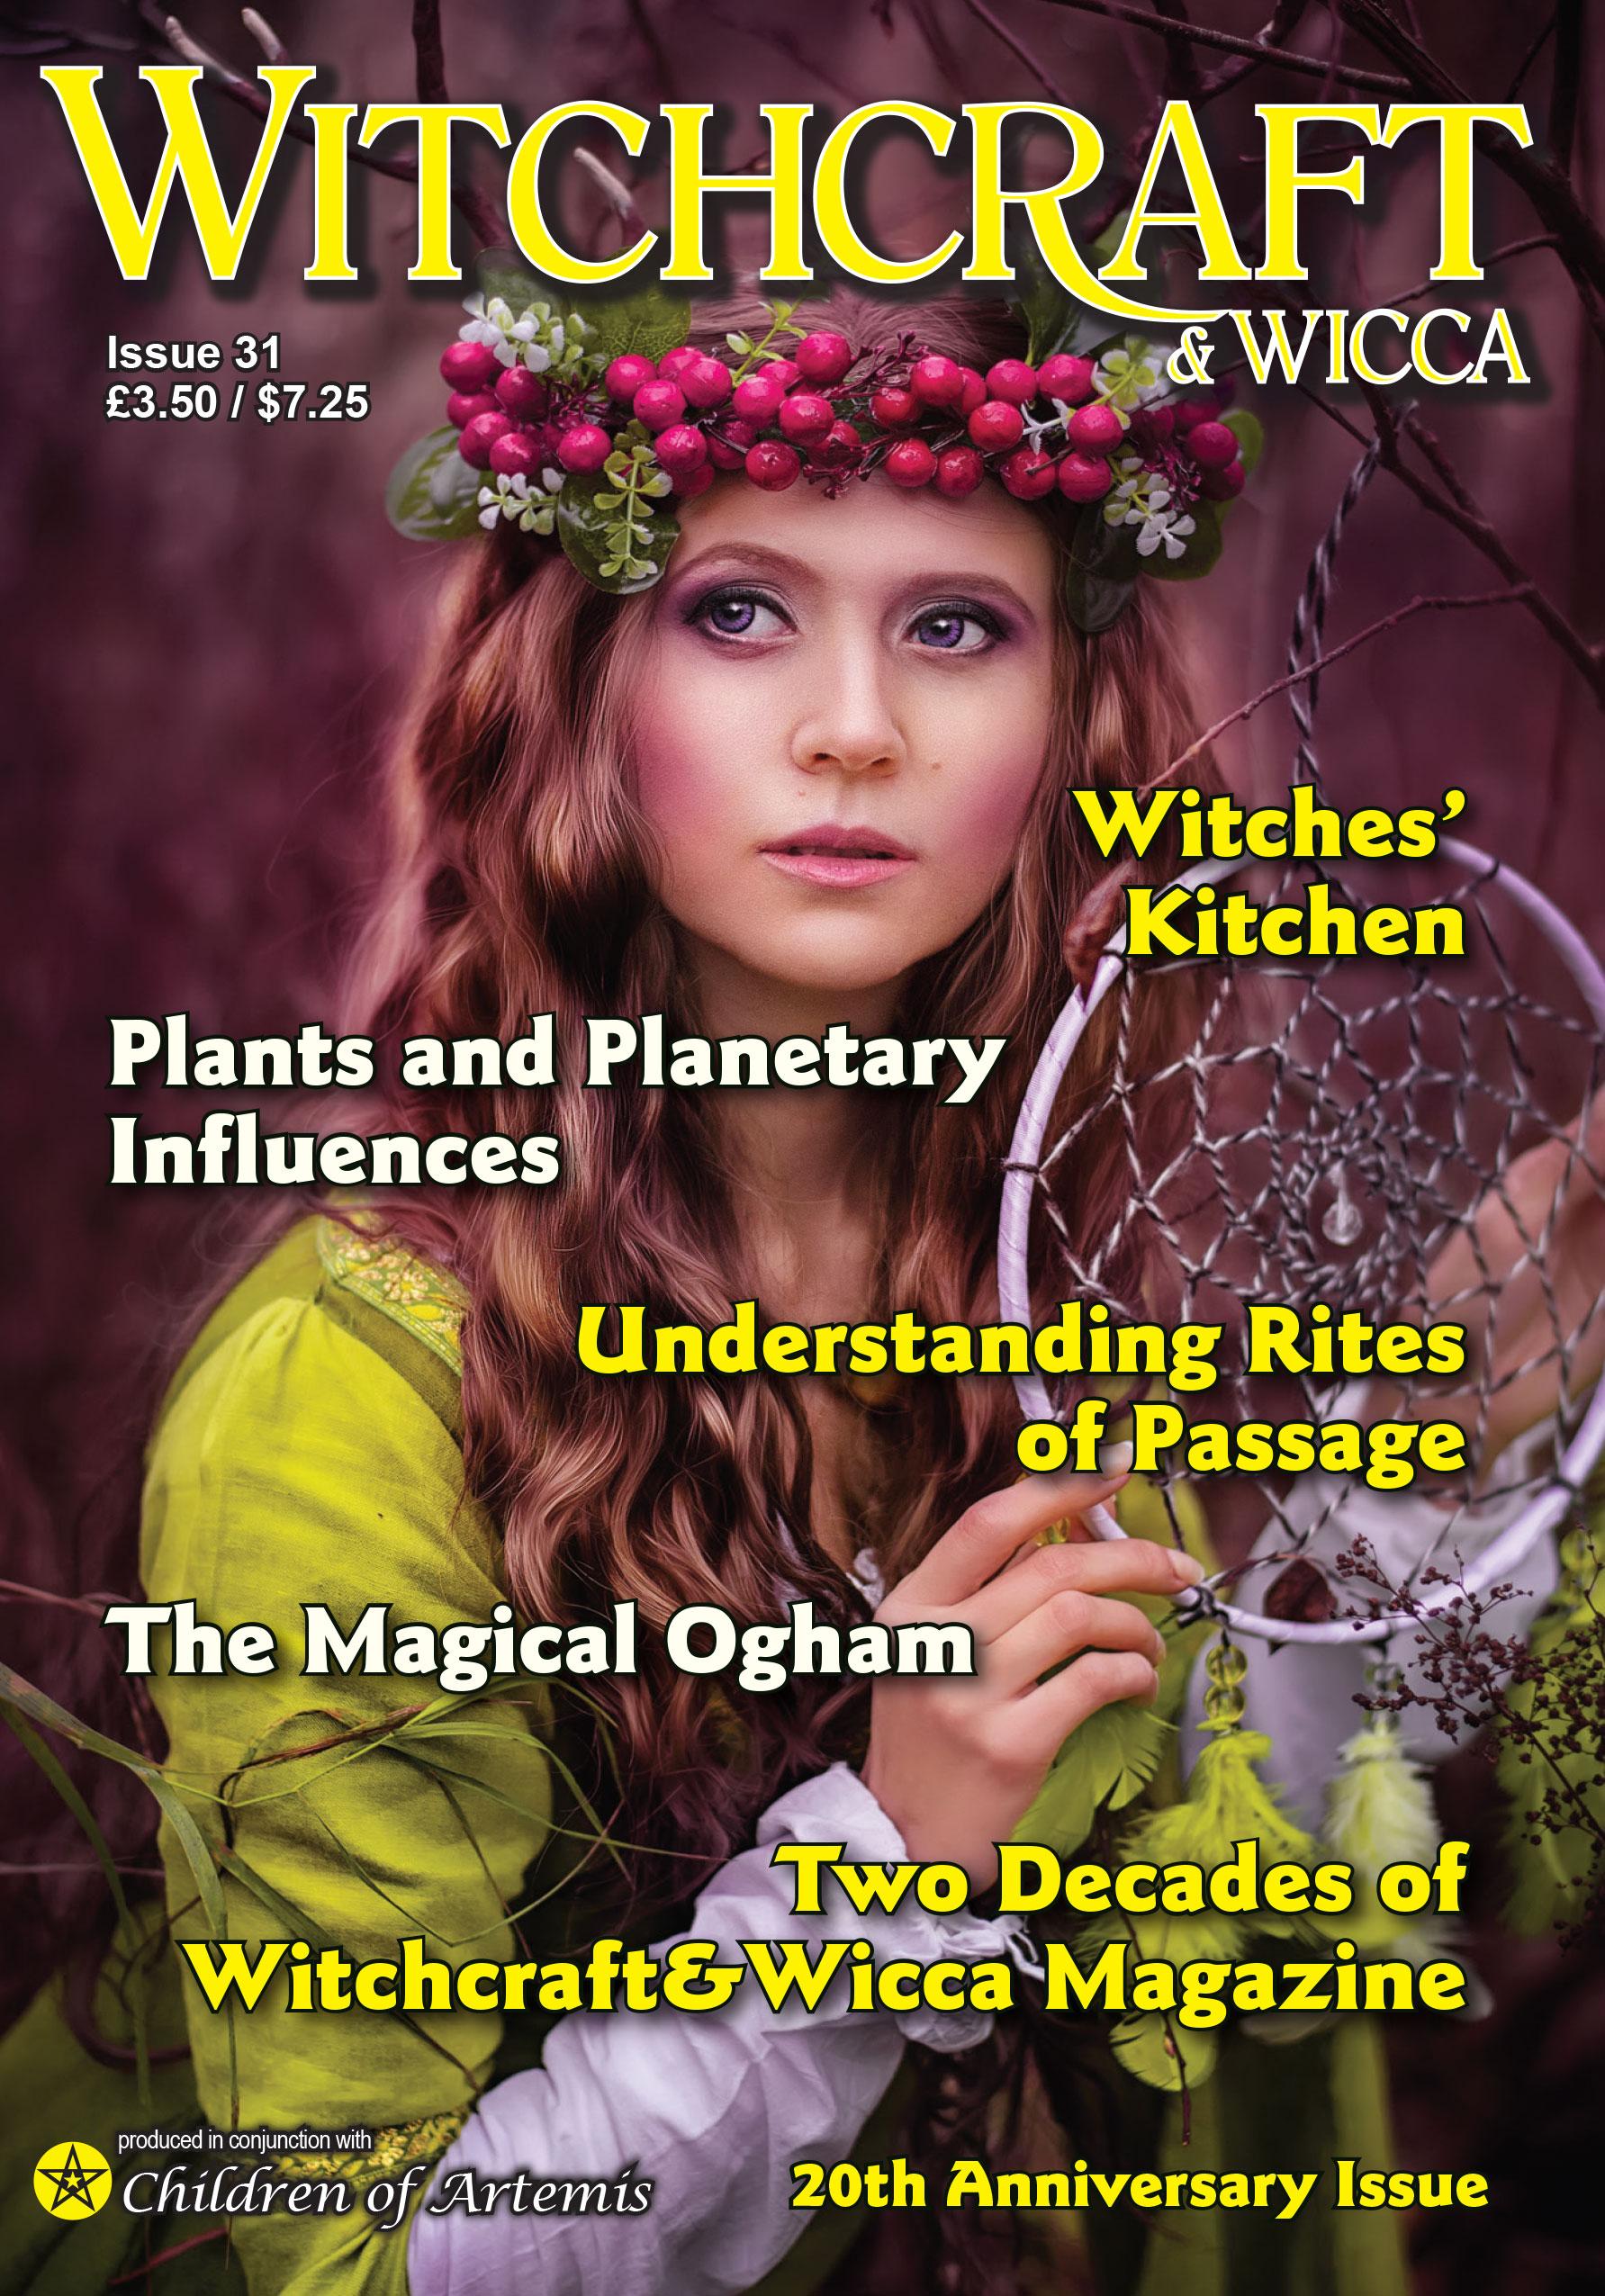 Witchcraft & Wicca - The Children of Artemis - Witchcraft